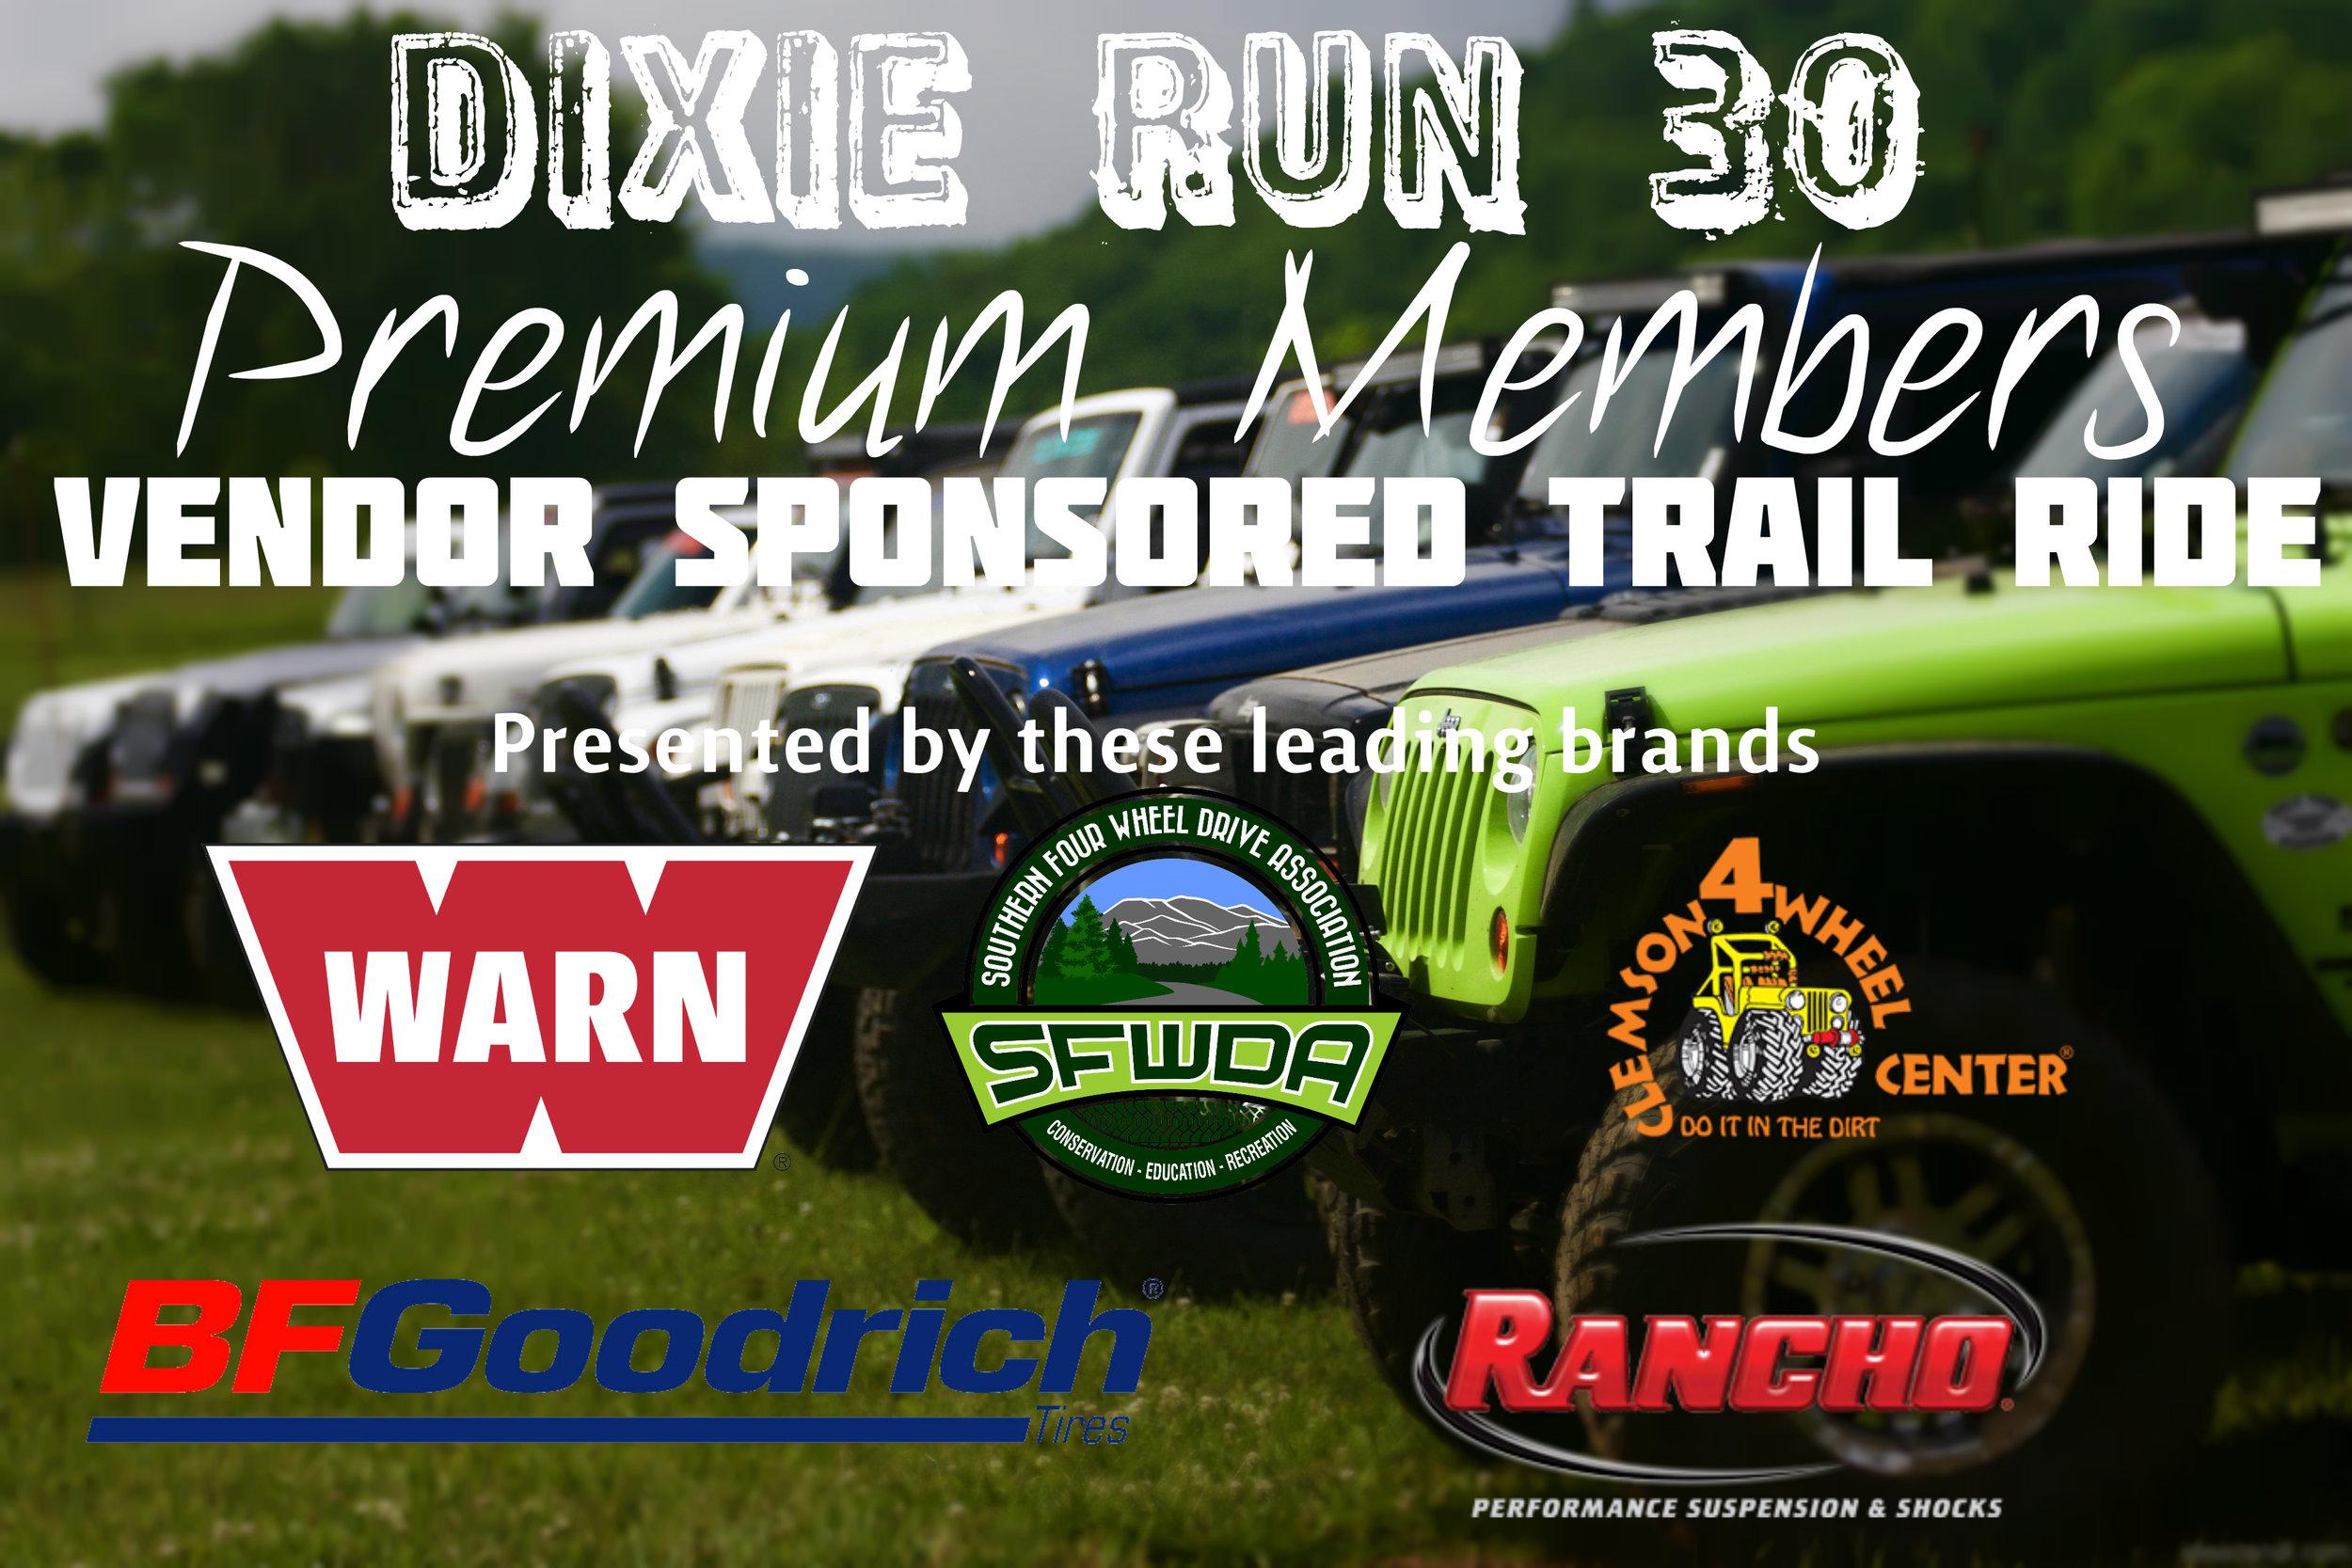 DR30_vendors_sponsor_ride